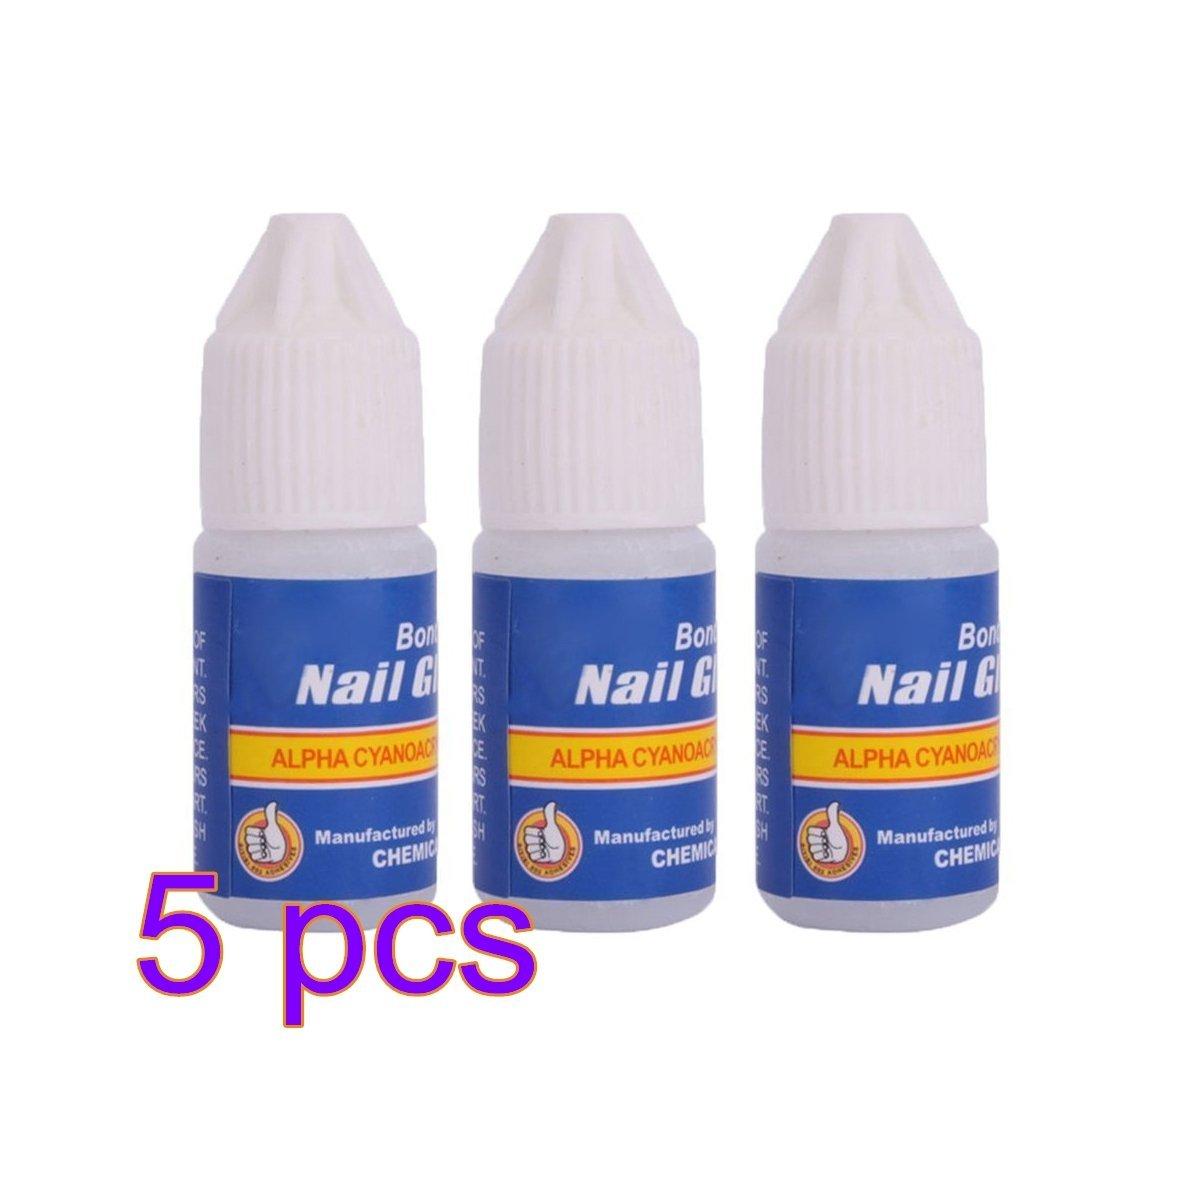 10 x 3 g profesional fuerte pegamento para uñas postizas acrílicas Row_120cc